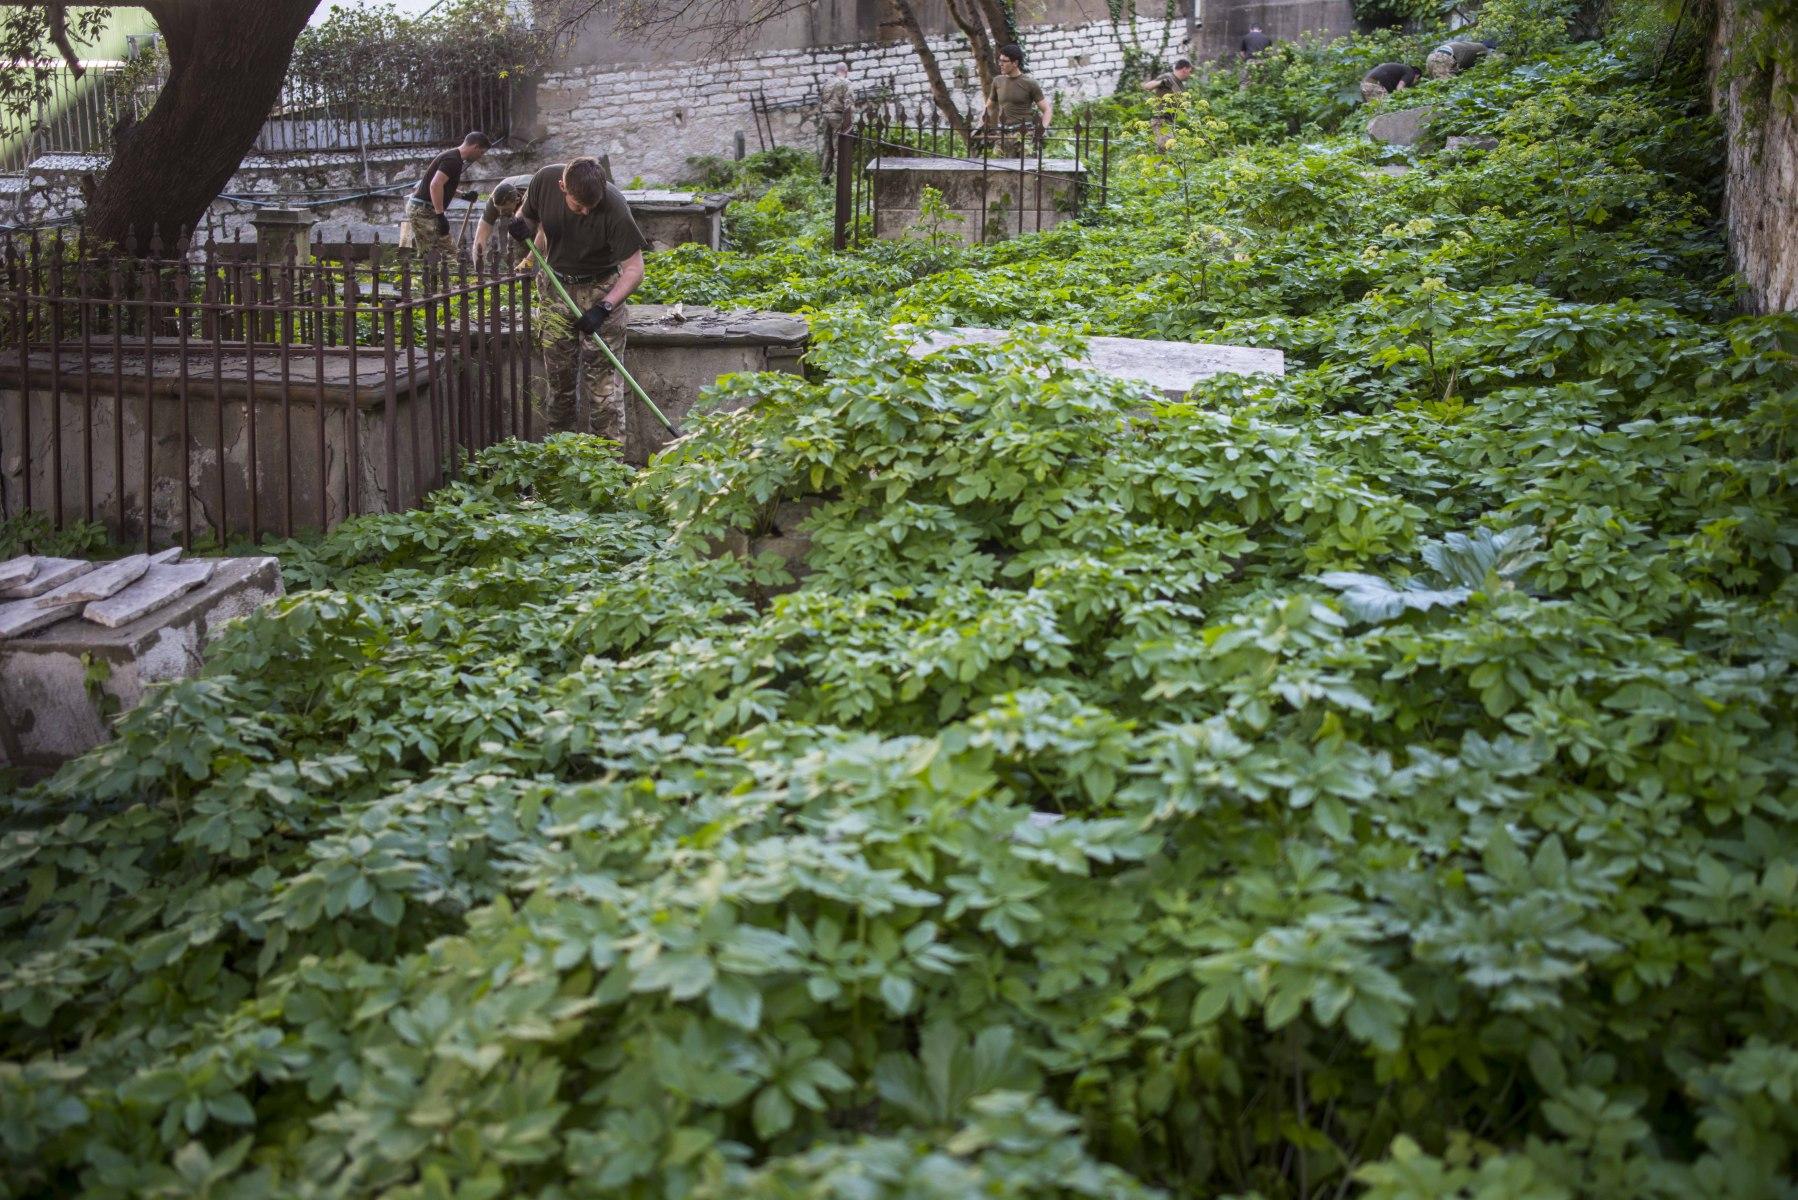 restauracin-cementerio-witham-14_25110018919_o